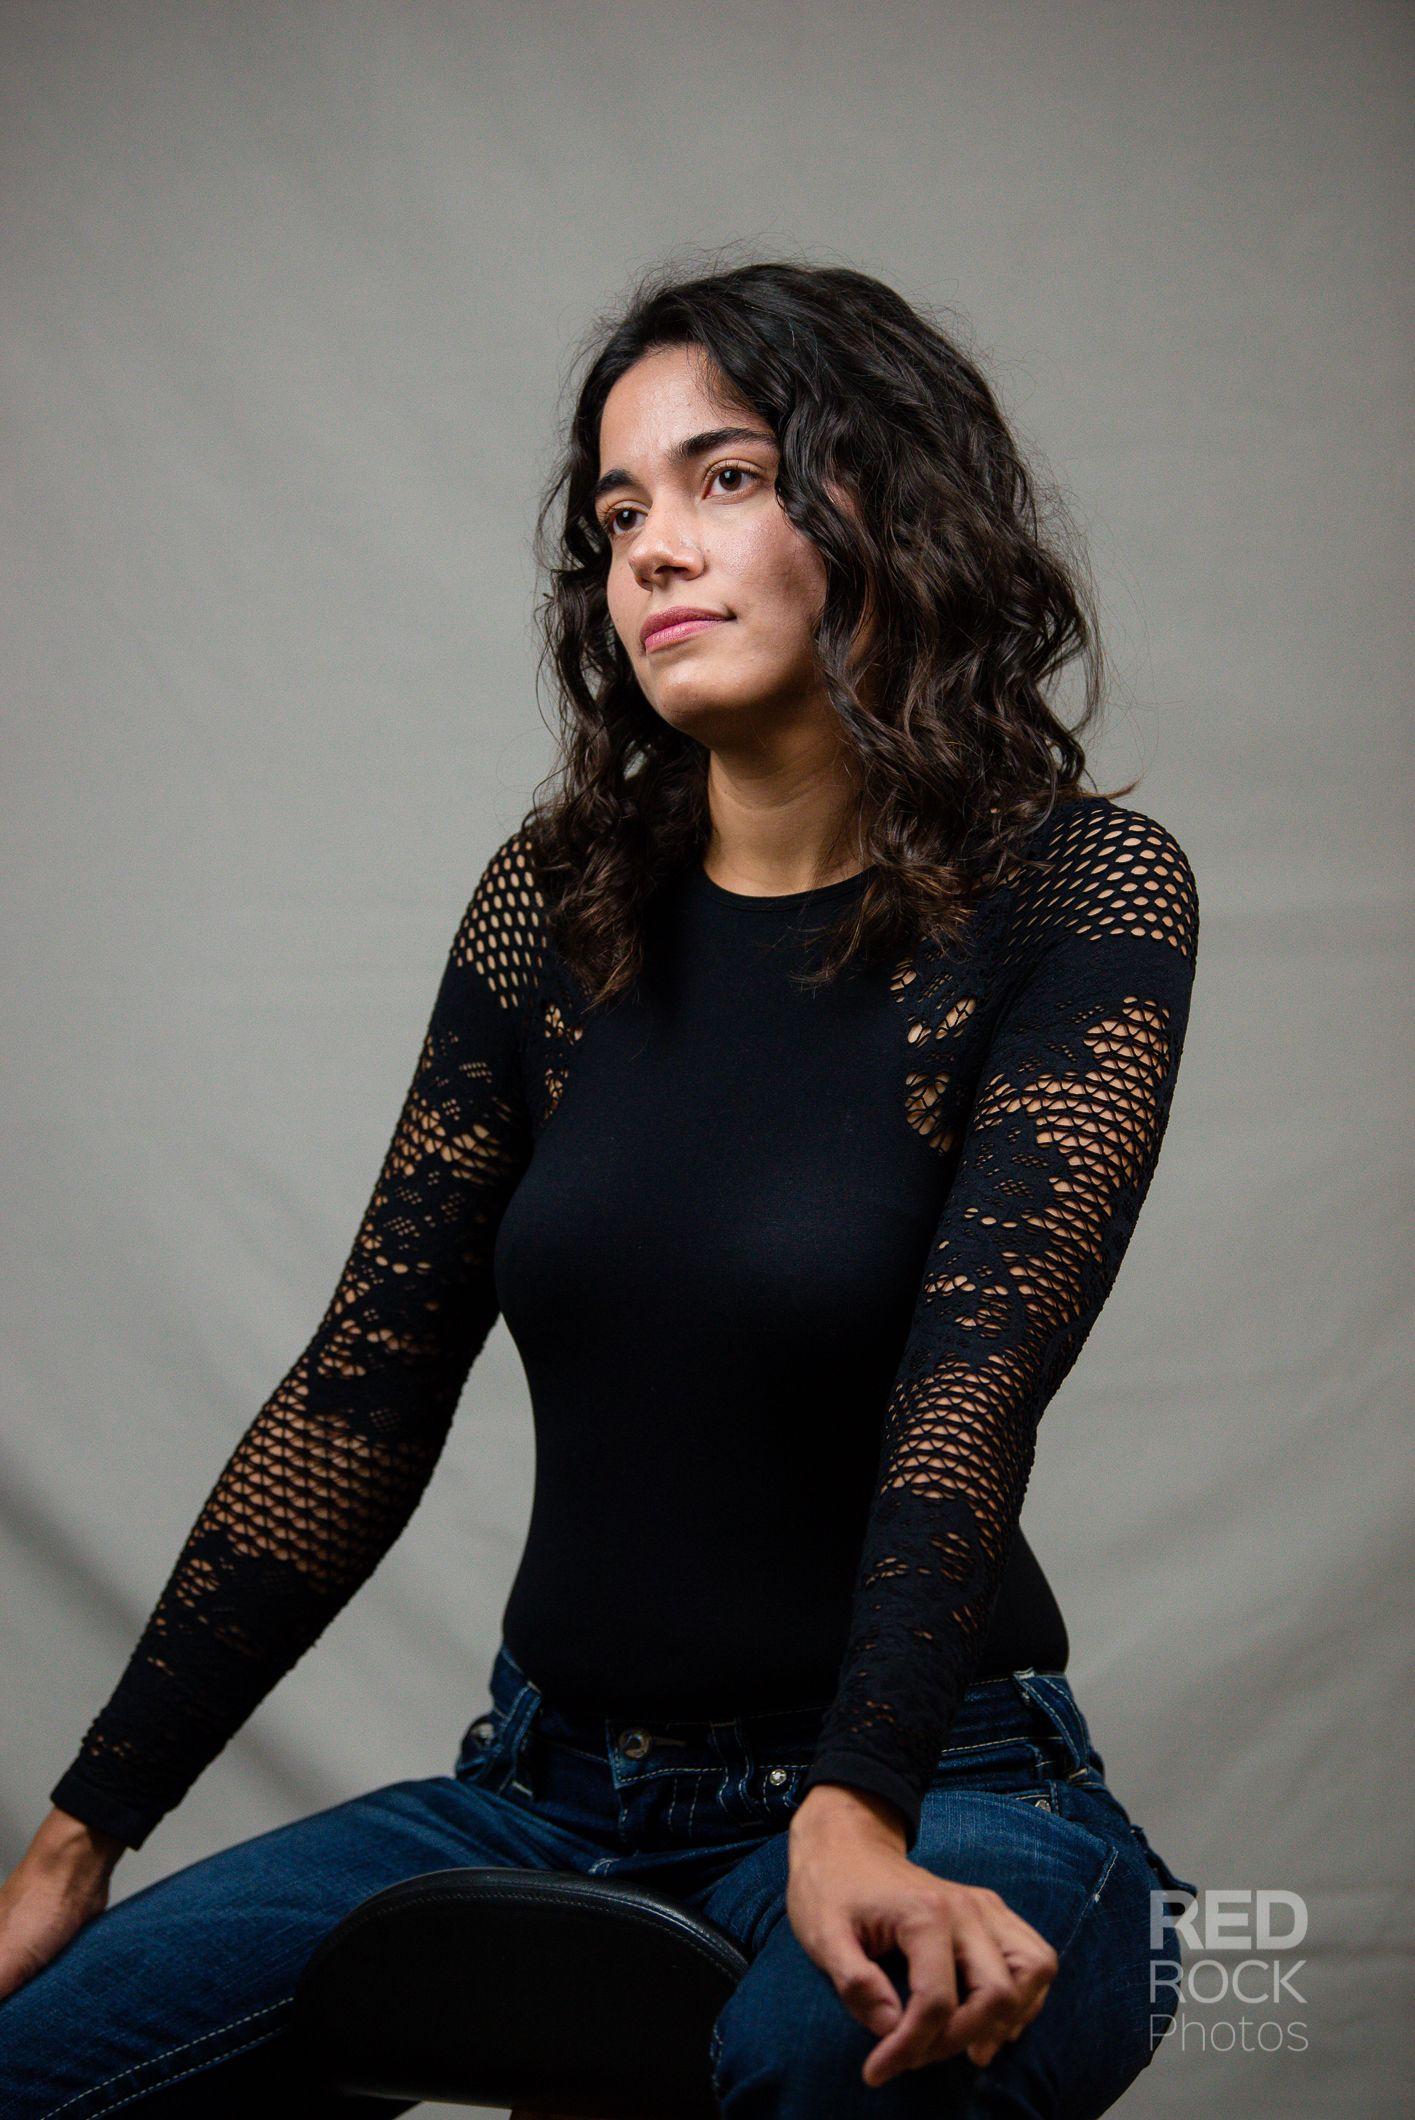 Cristina Rosales - 13